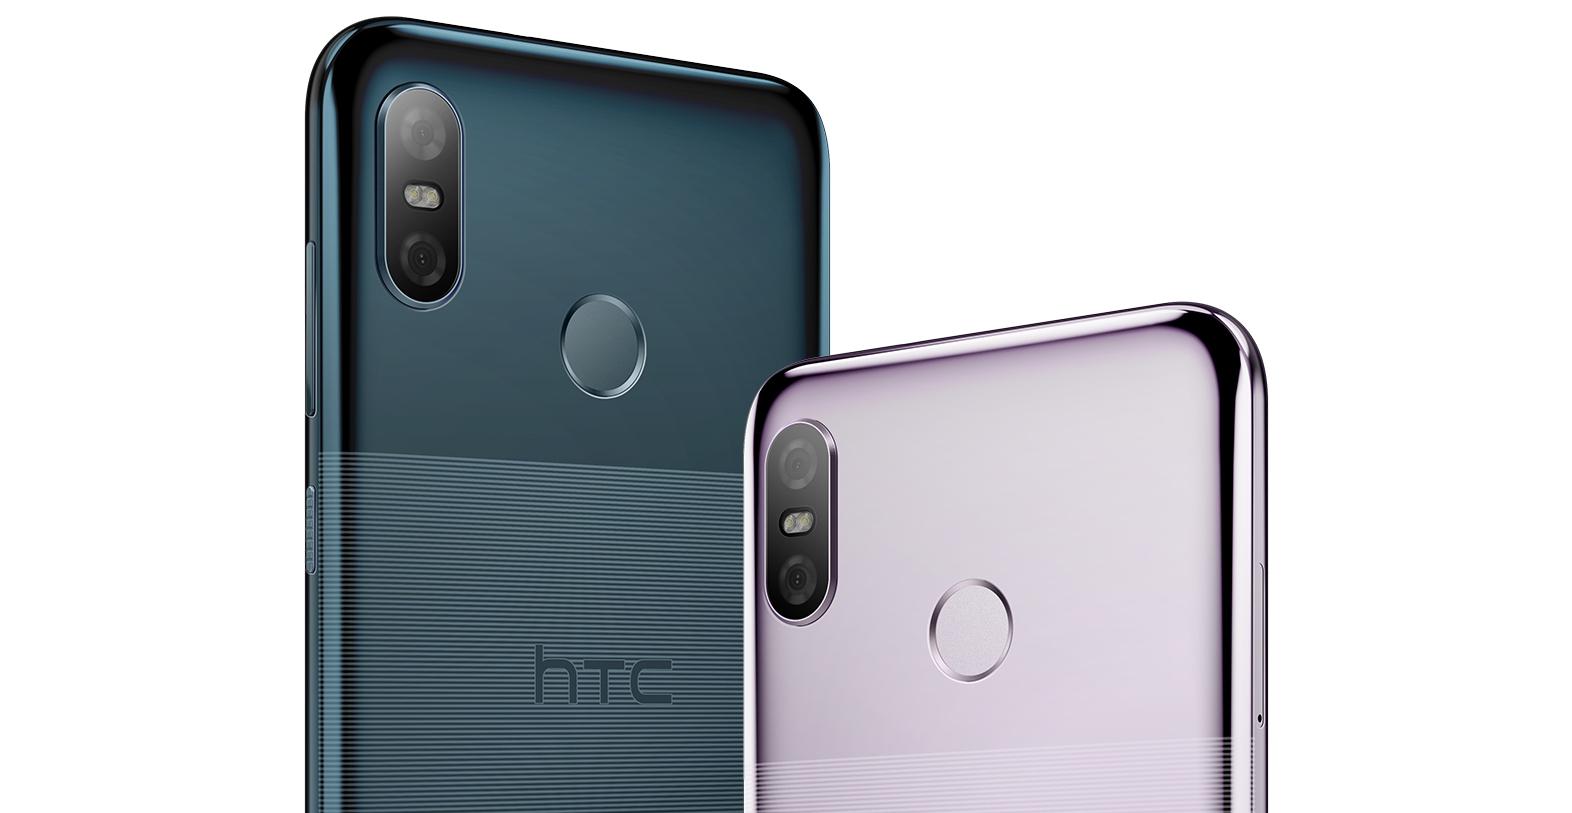 HTC U12 life 大容量版本將上市,遠傳開賣 6GB/128GB 版